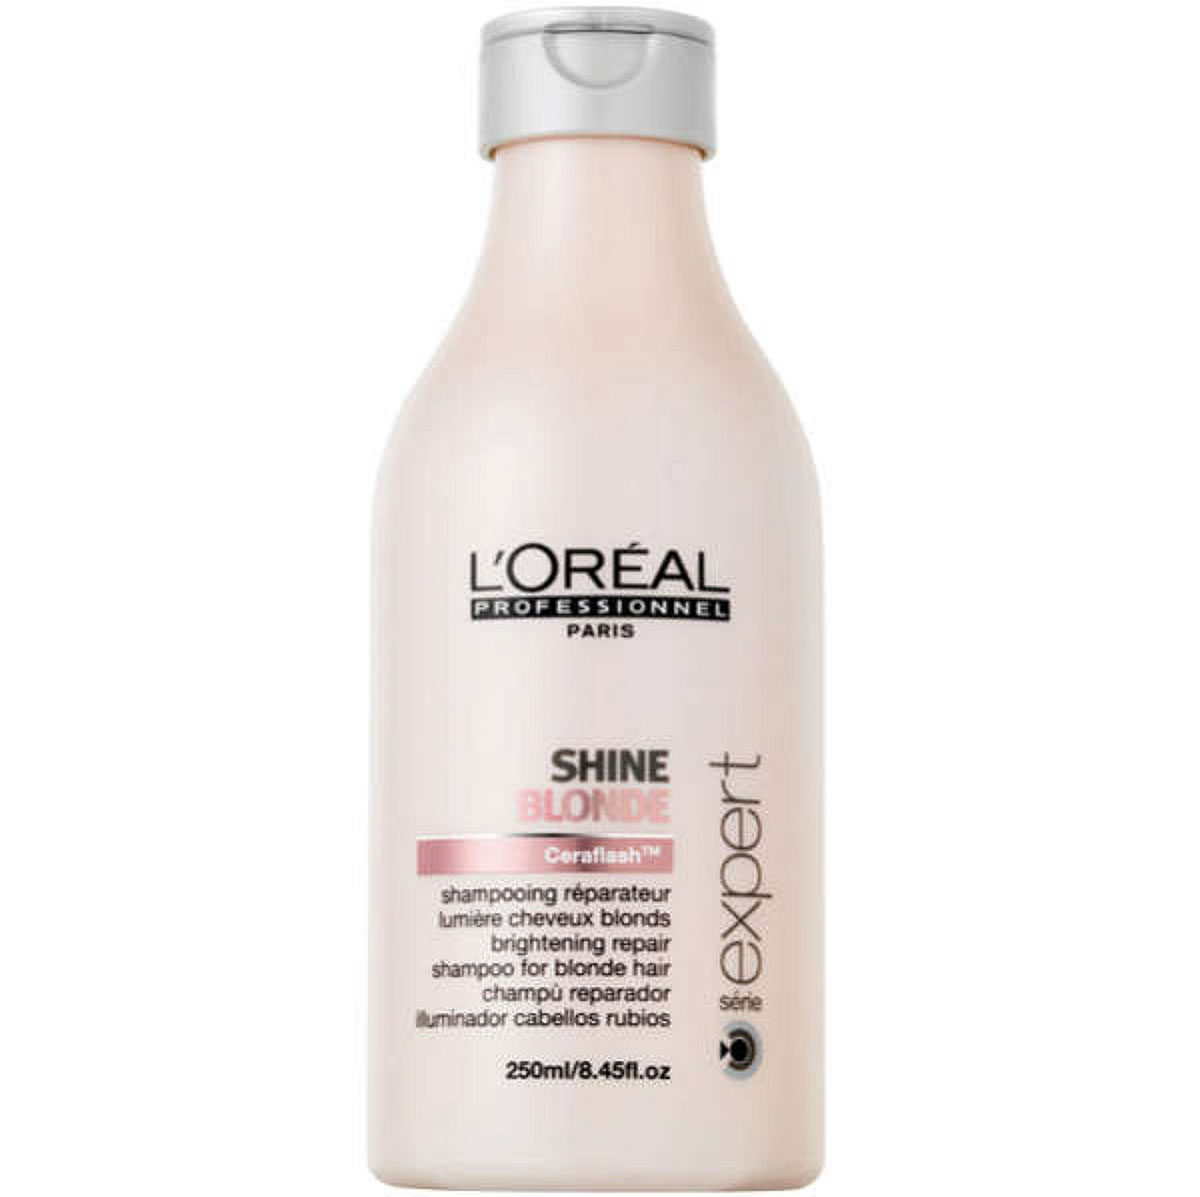 LOreal Professionnel Шампунь Expert Shine Blonde - 250 млFS-00897Волосы, которые подверглись окрашиванию или осветлению, нуждаются в особо бережной защите и в восстановлении. Такой уход им способен обеспечить шампунь из серии Shine Blonde, который препятствует появлению жёлтого оттенка и потускнению волос. Кроме того, он защищает волосы от воздействия ряда негативных факторов внешней среды. В состав шампуня входят керамиды, восстанавливающие межклеточное вещество, анти-кальциевые компоненты, защищающие волосы от неблагоприятного воздействия воды, а также активные компоненты, увлажняющие волосы и придающие им блеск. Шампунь очень бережно и мягко очищает волосы, не вымывая красящие пигменты. Средство препятствует потускнению цвета и появлению жёлтого оттенка, дарит волосам сияние и блеск, делает их необычайно послушными и мягкими. Шампунь Shine Blonde обеспечит вашим волосам яркий цвет, питание и увлажнение.